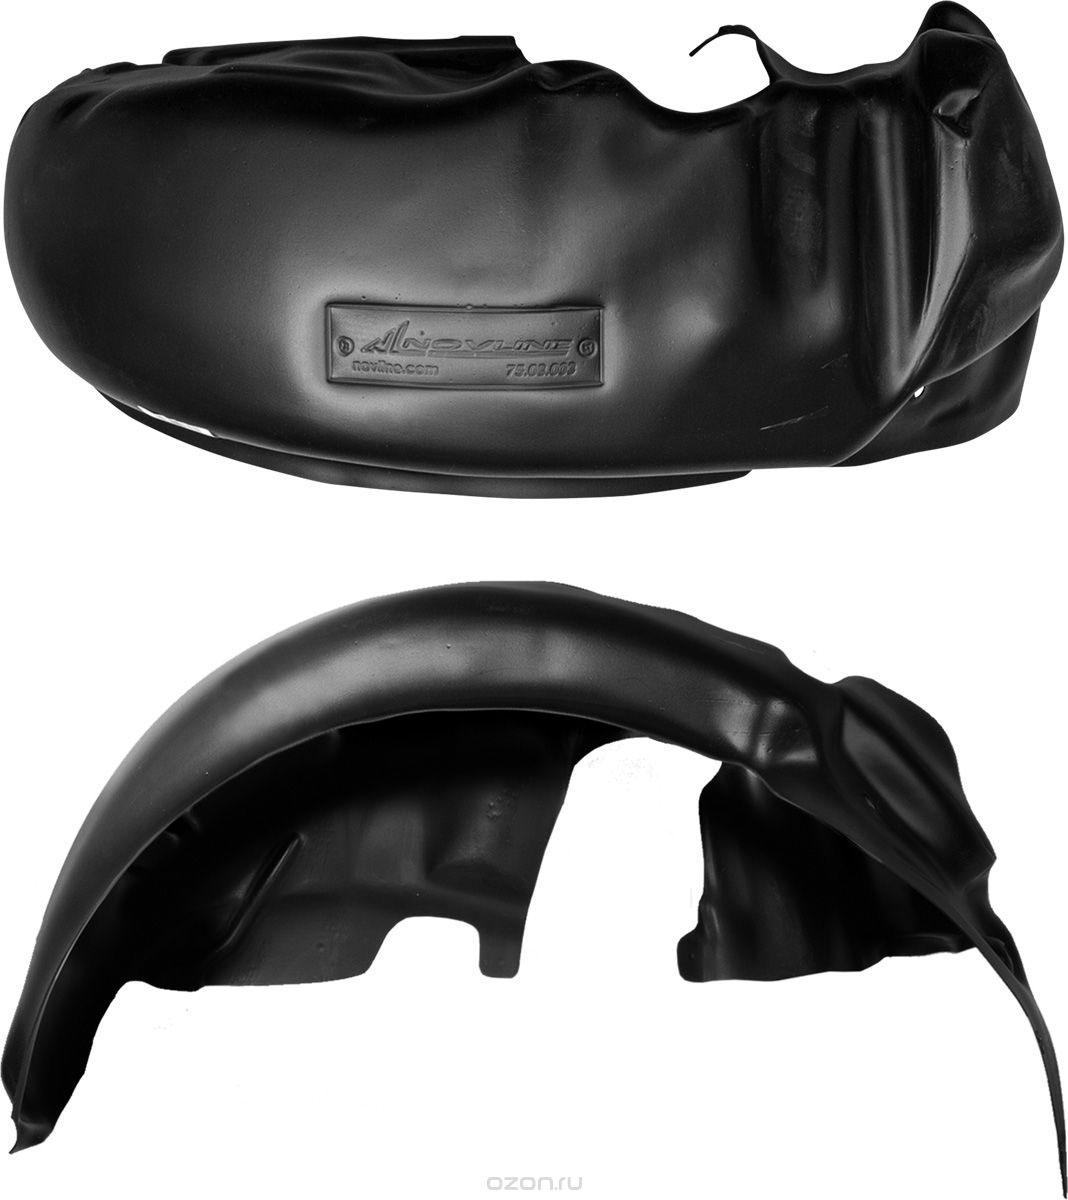 Подкрылок Novline-Autofamily, для УАЗ Hunter, 11/2003->, передний левыйNLL.54.06.001Идеальная защита колесной ниши. Локеры разработаны с применением цифровых технологий, гарантируют максимальную повторяемость поверхности арки. Изделия устанавливаются без нарушения лакокрасочного покрытия автомобиля, каждый подкрылок комплектуется крепежом. Уважаемые клиенты, обращаем ваше внимание, что фотографии на подкрылки универсальные и не отражают реальную форму изделия. При этом само изделие идет точно под размер указанного автомобиля.